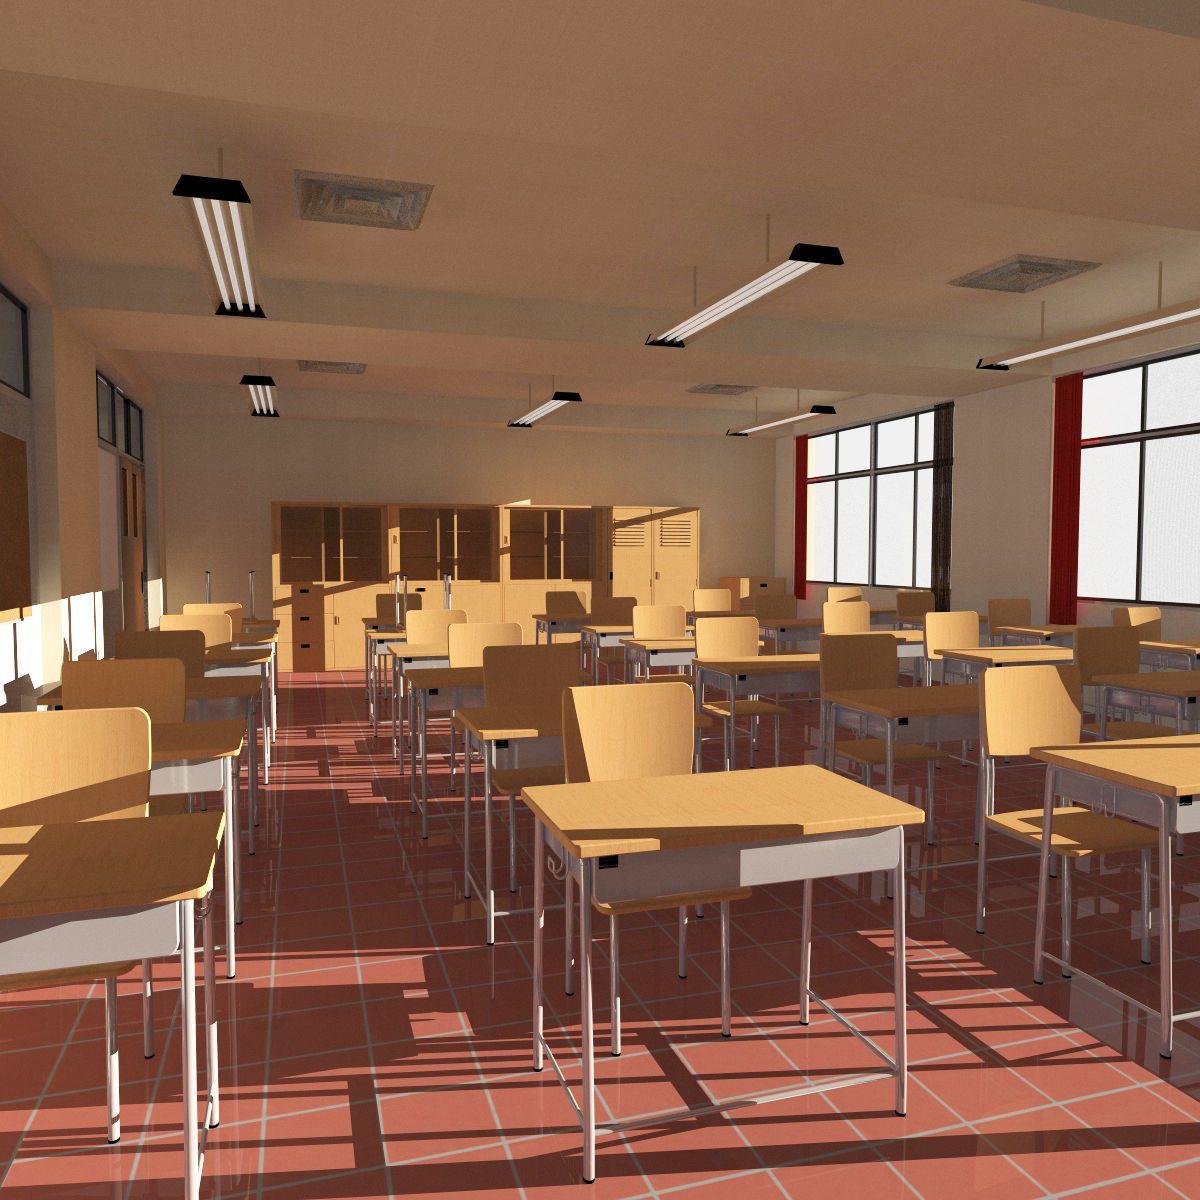 anime classroom 3d model obj 3ds fbx c4d dae skp 4 Dessin